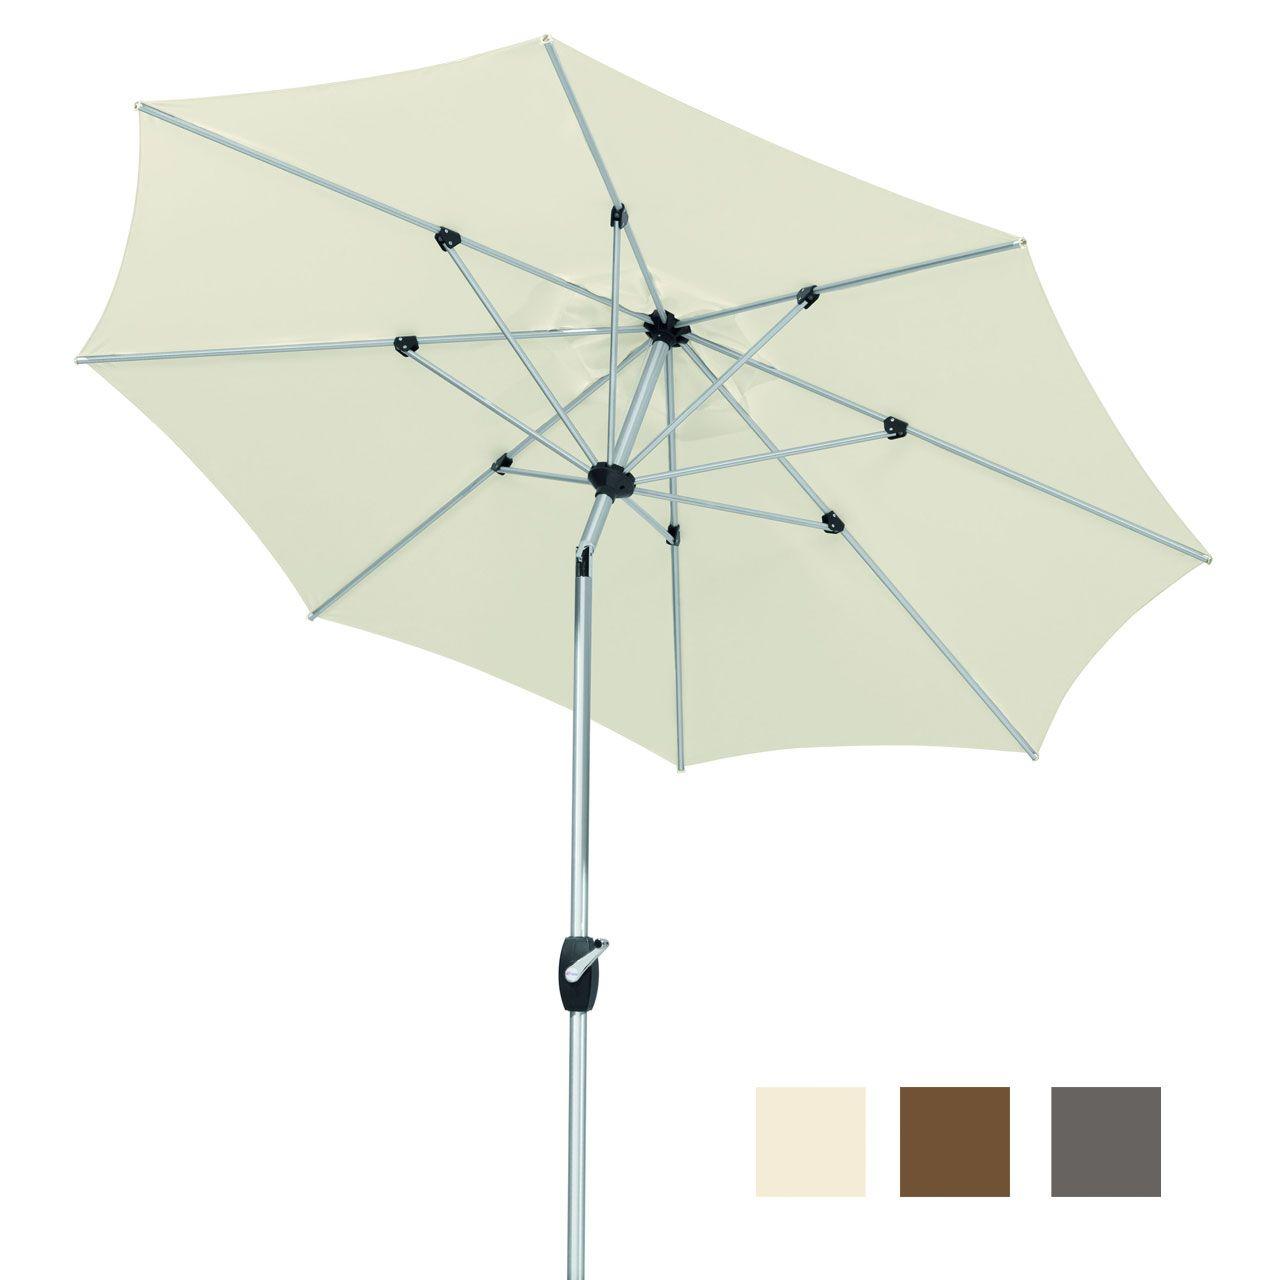 Sonnenschirm weiß halbrund Balkon Schirm Gartenschirm Sonnenschutz